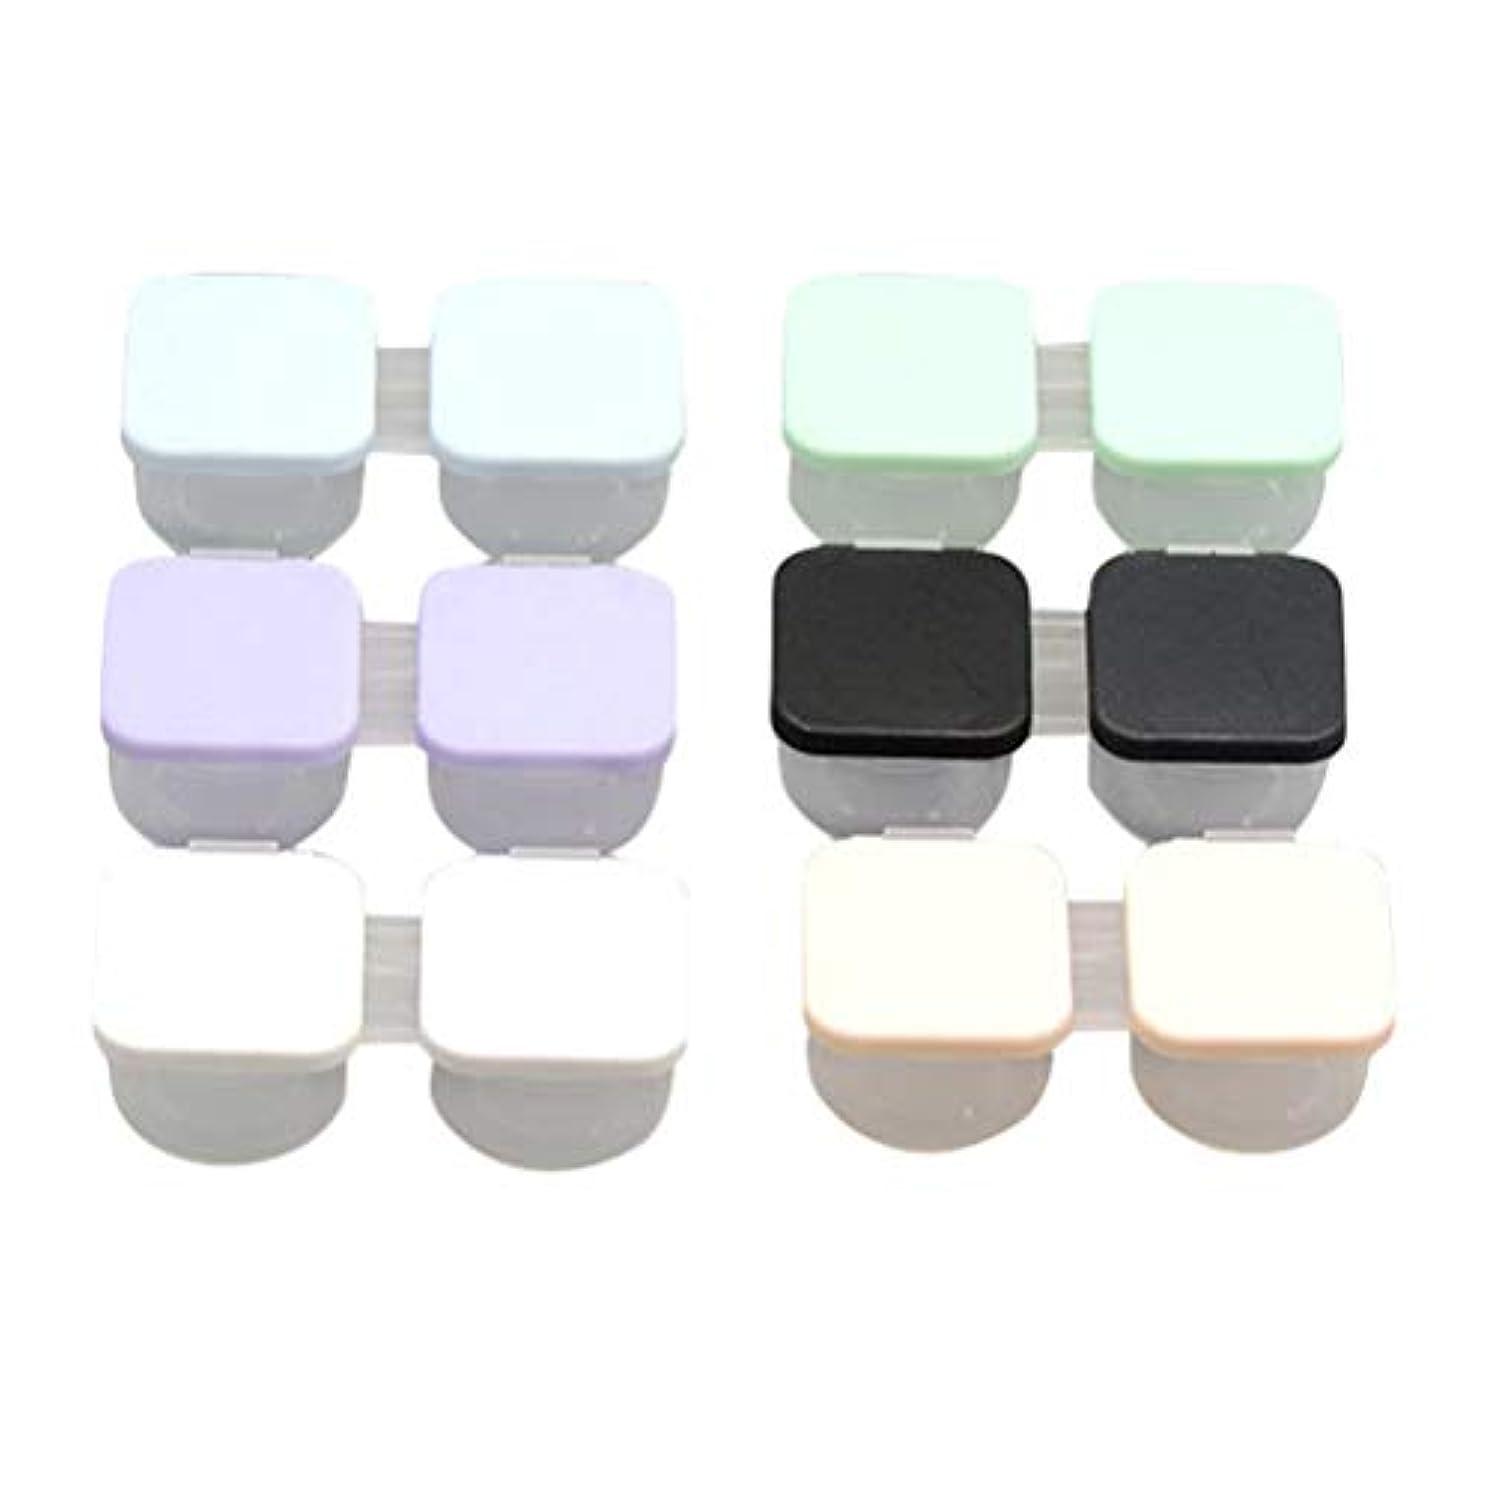 荒野当社試すSUPVOX コンタクトケース ケアパレット 保存ケース プラスチック製 軽量 安全6個入(混色)